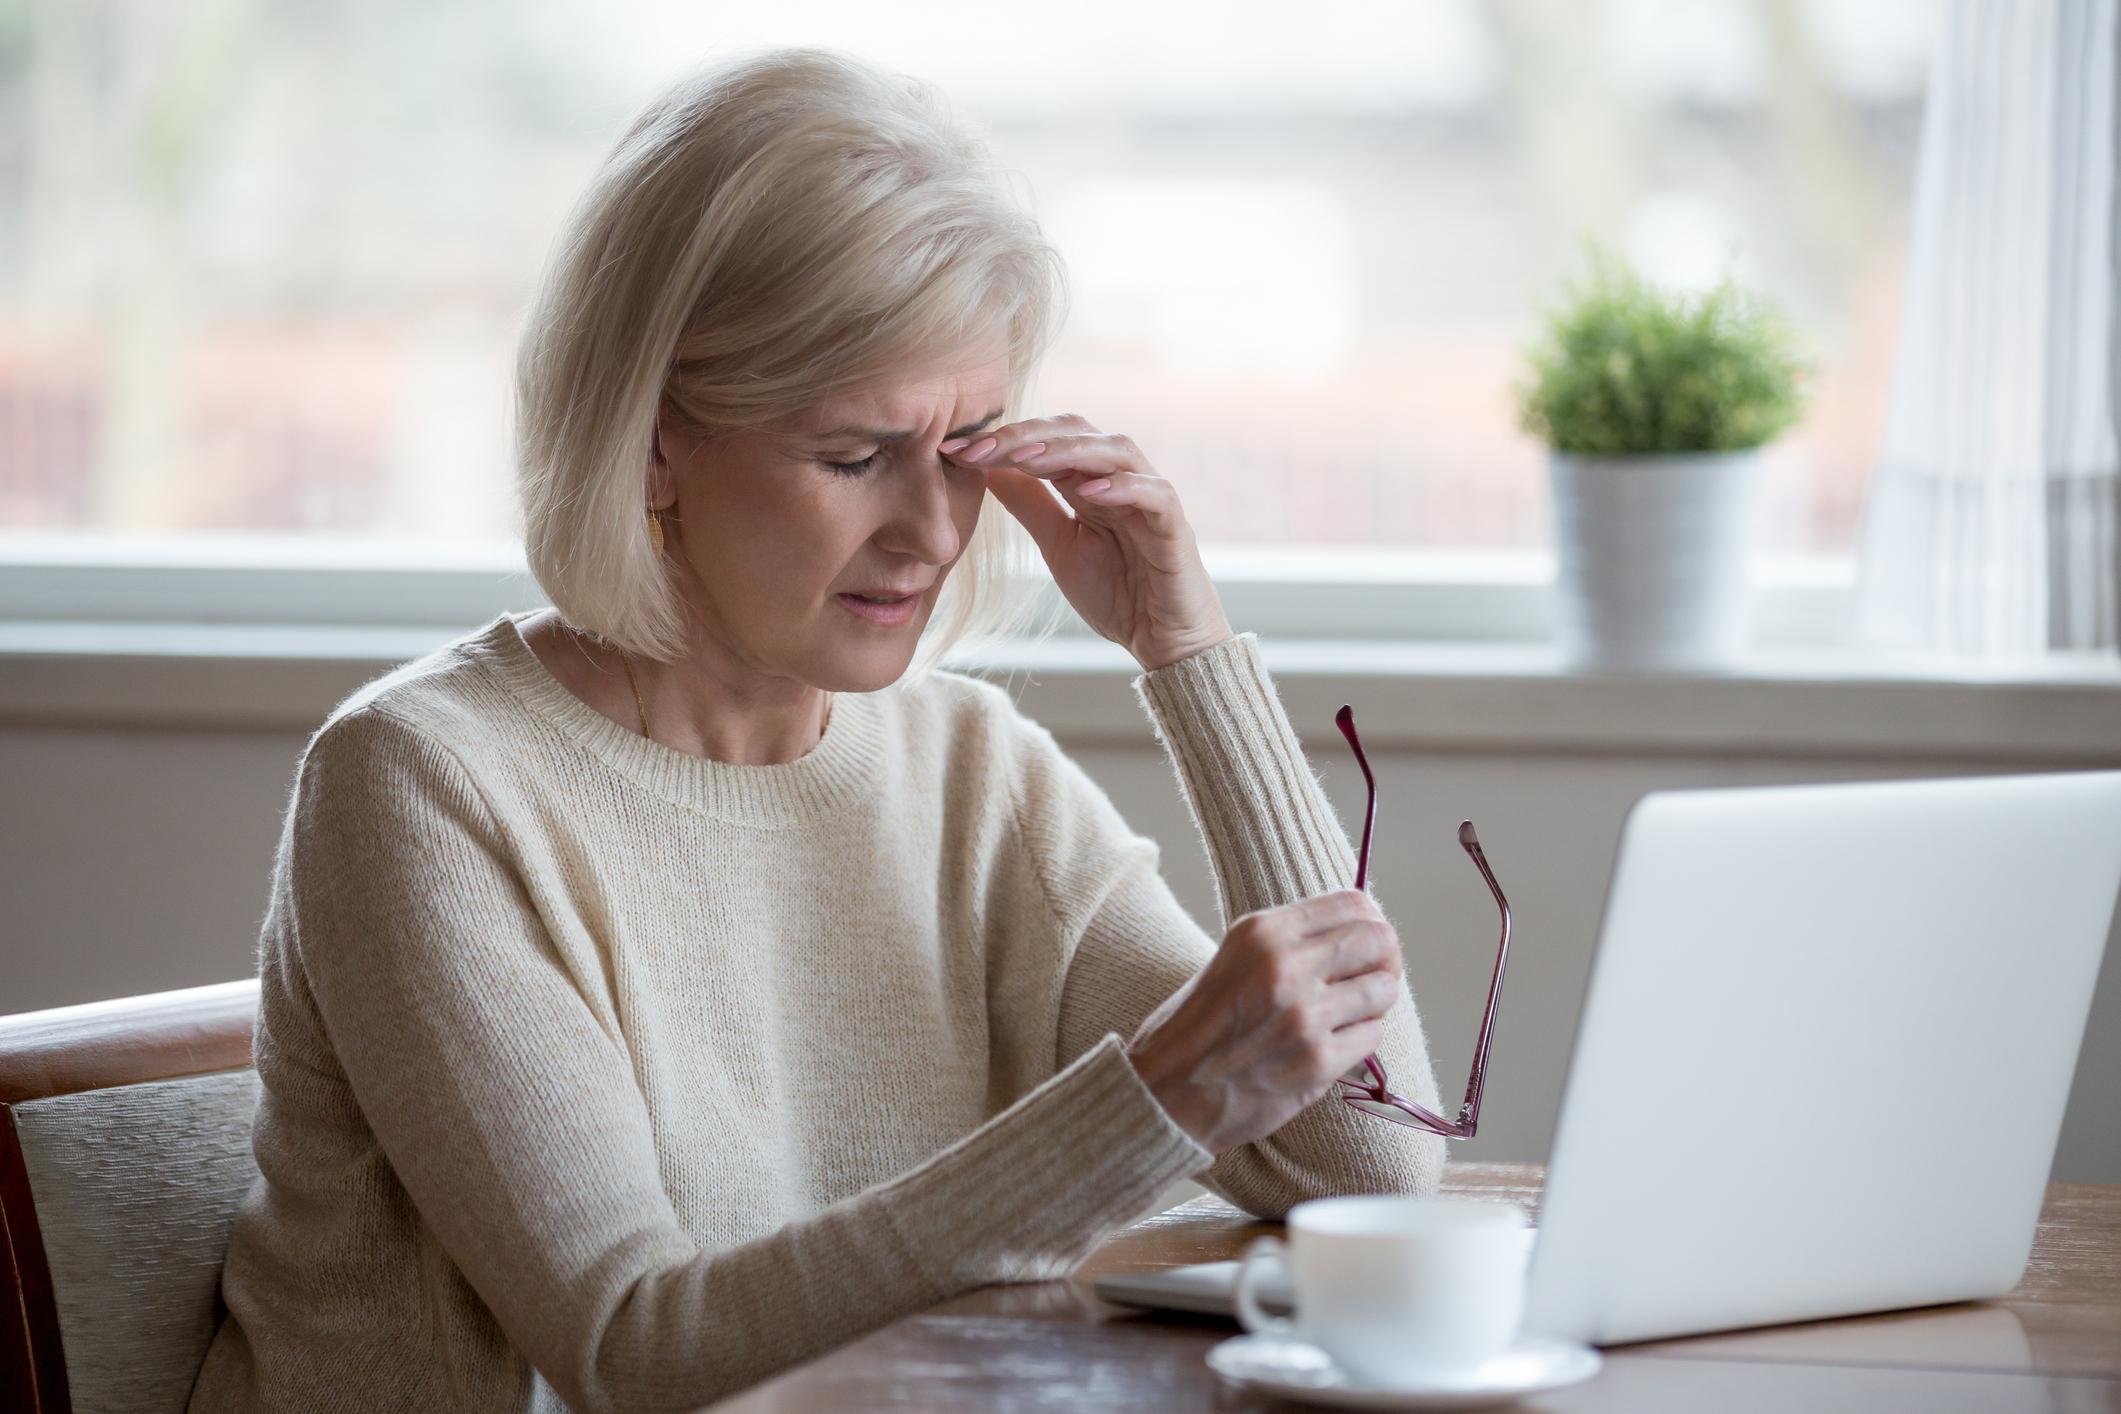 Няма как да противодействаме на влошаващото се зрение<br /> Вярно е, че с годините естествено зрението се влошава. Това обаче не се дължи на факта, че старостта върви в комплект с очила за четене. Често влошаването се дължи на вродени или придобити лечими очни заболявания. Затова, когато усетим напрежение, болка, замъглено зрение, е най-добре веднага да посетим очен лекар, за да може той да ни помогне да изкореним проблема или поне да предотвратим по-сериозни увреждания.